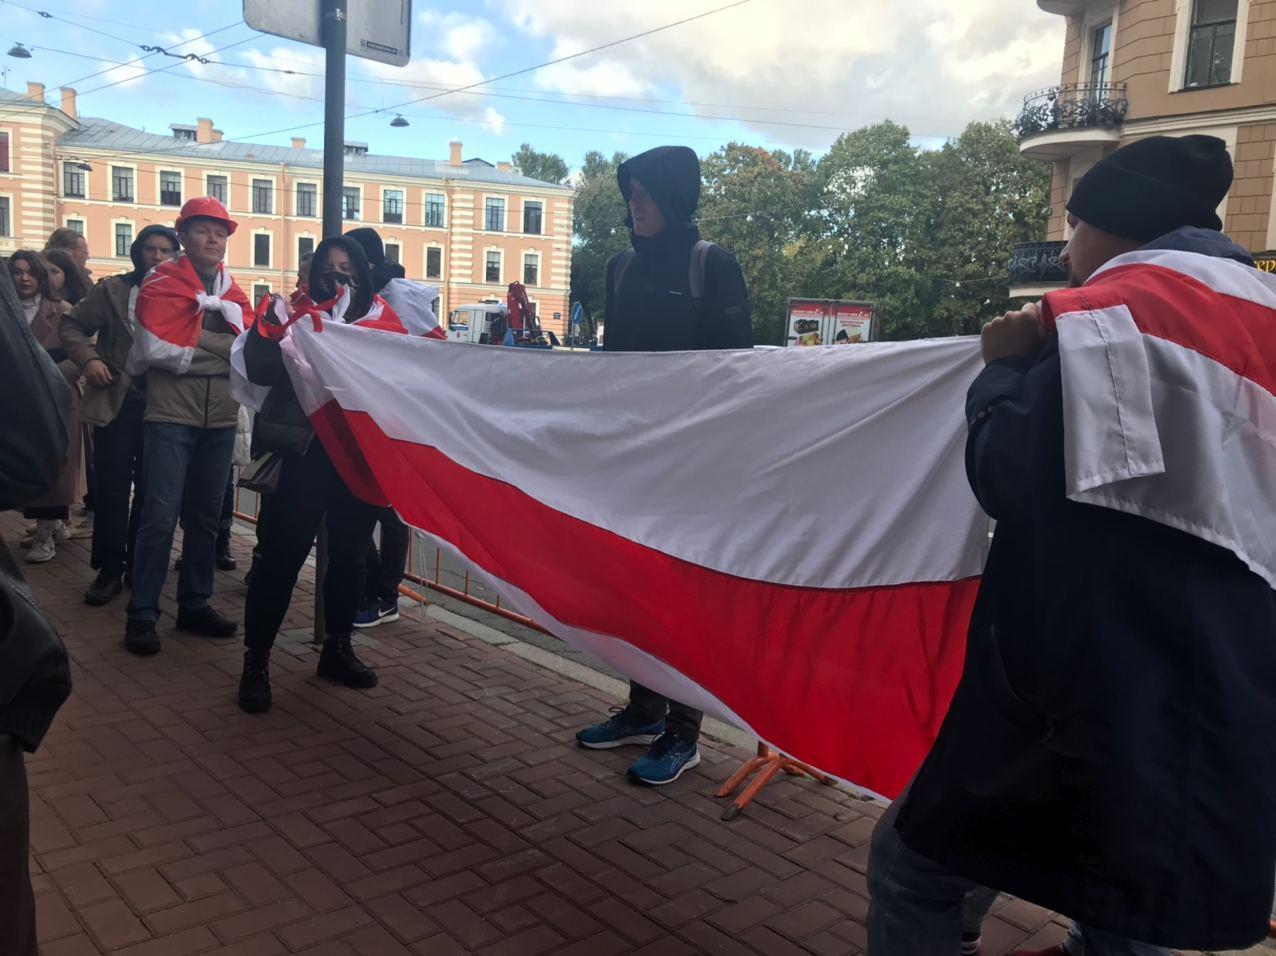 фото ЗакС политика У здания посольства Беларуси в Петербурге проходит акция солидарности